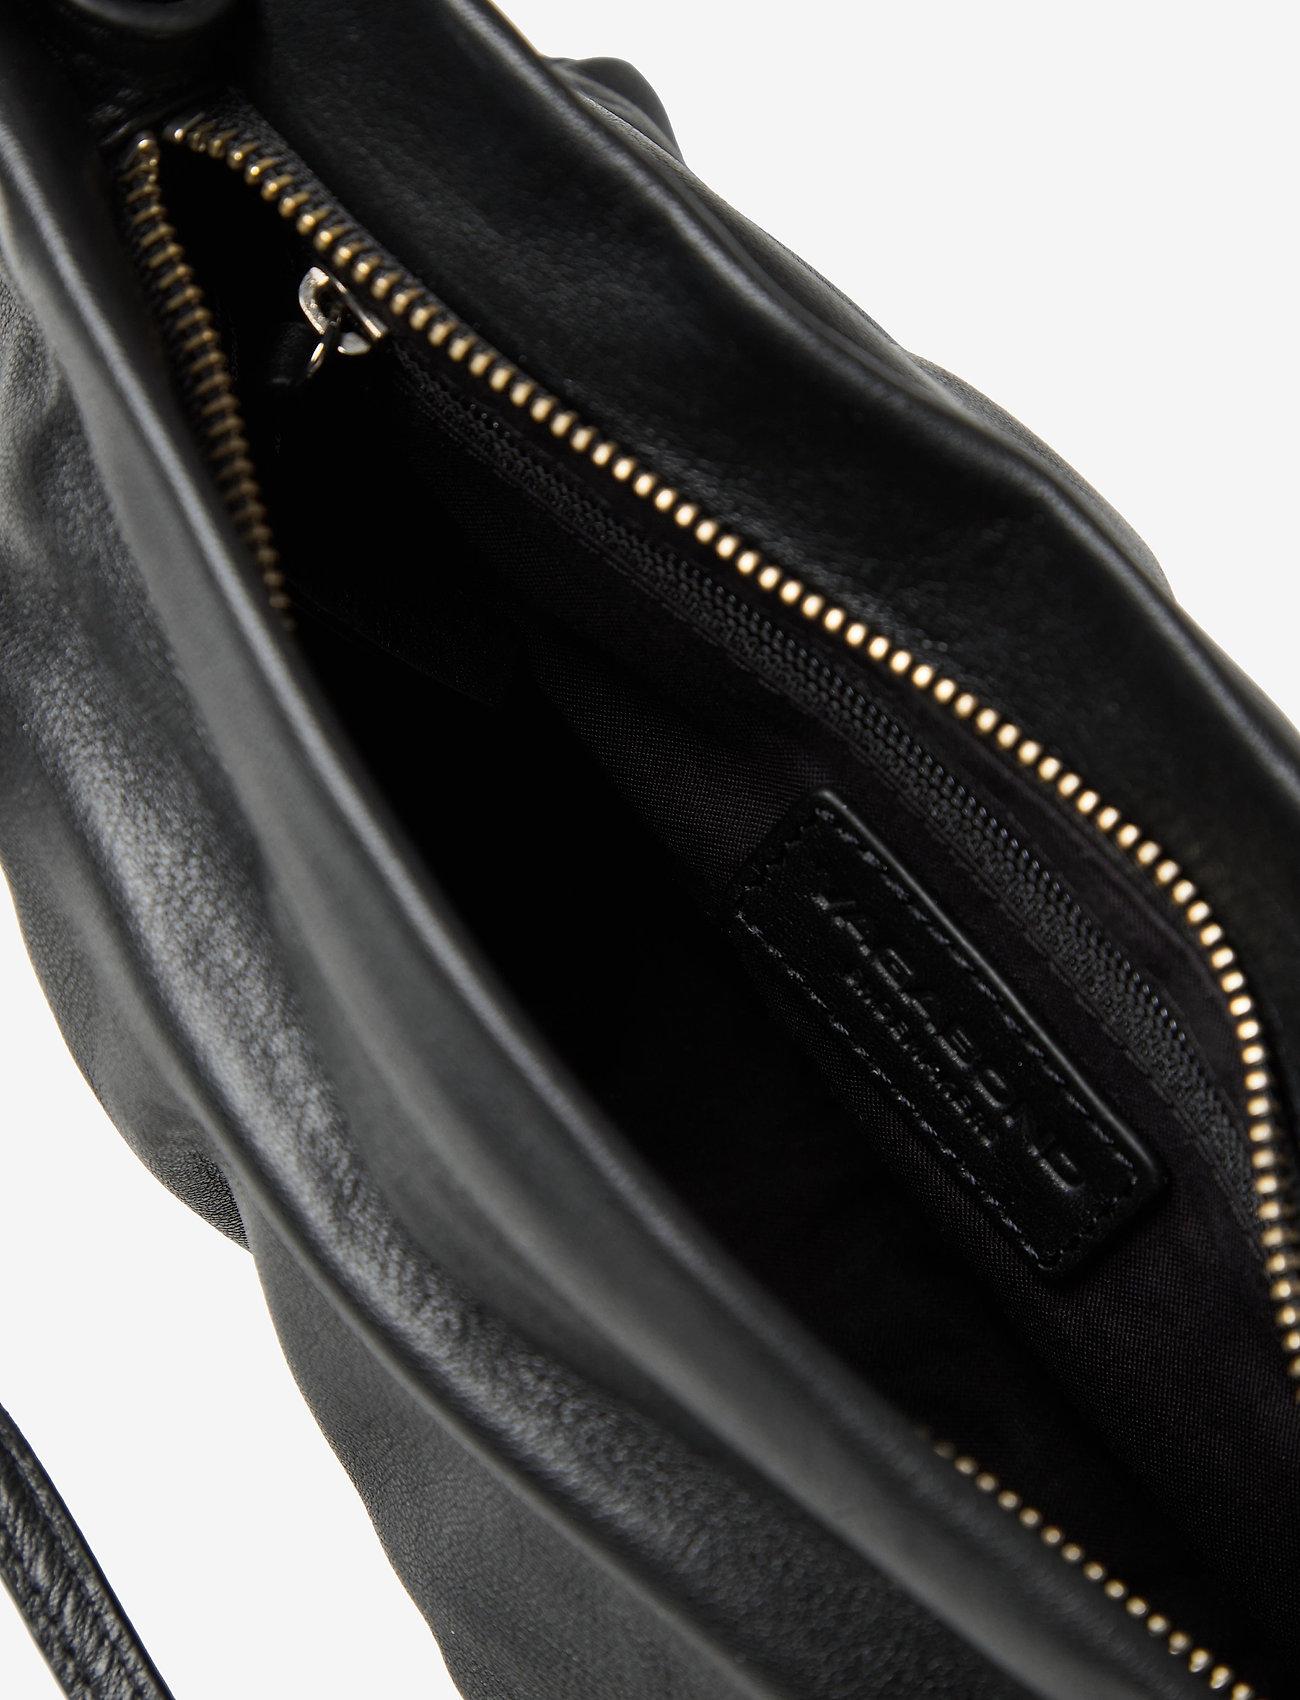 VAGABOND - RIO - crossbody bags - black - 3